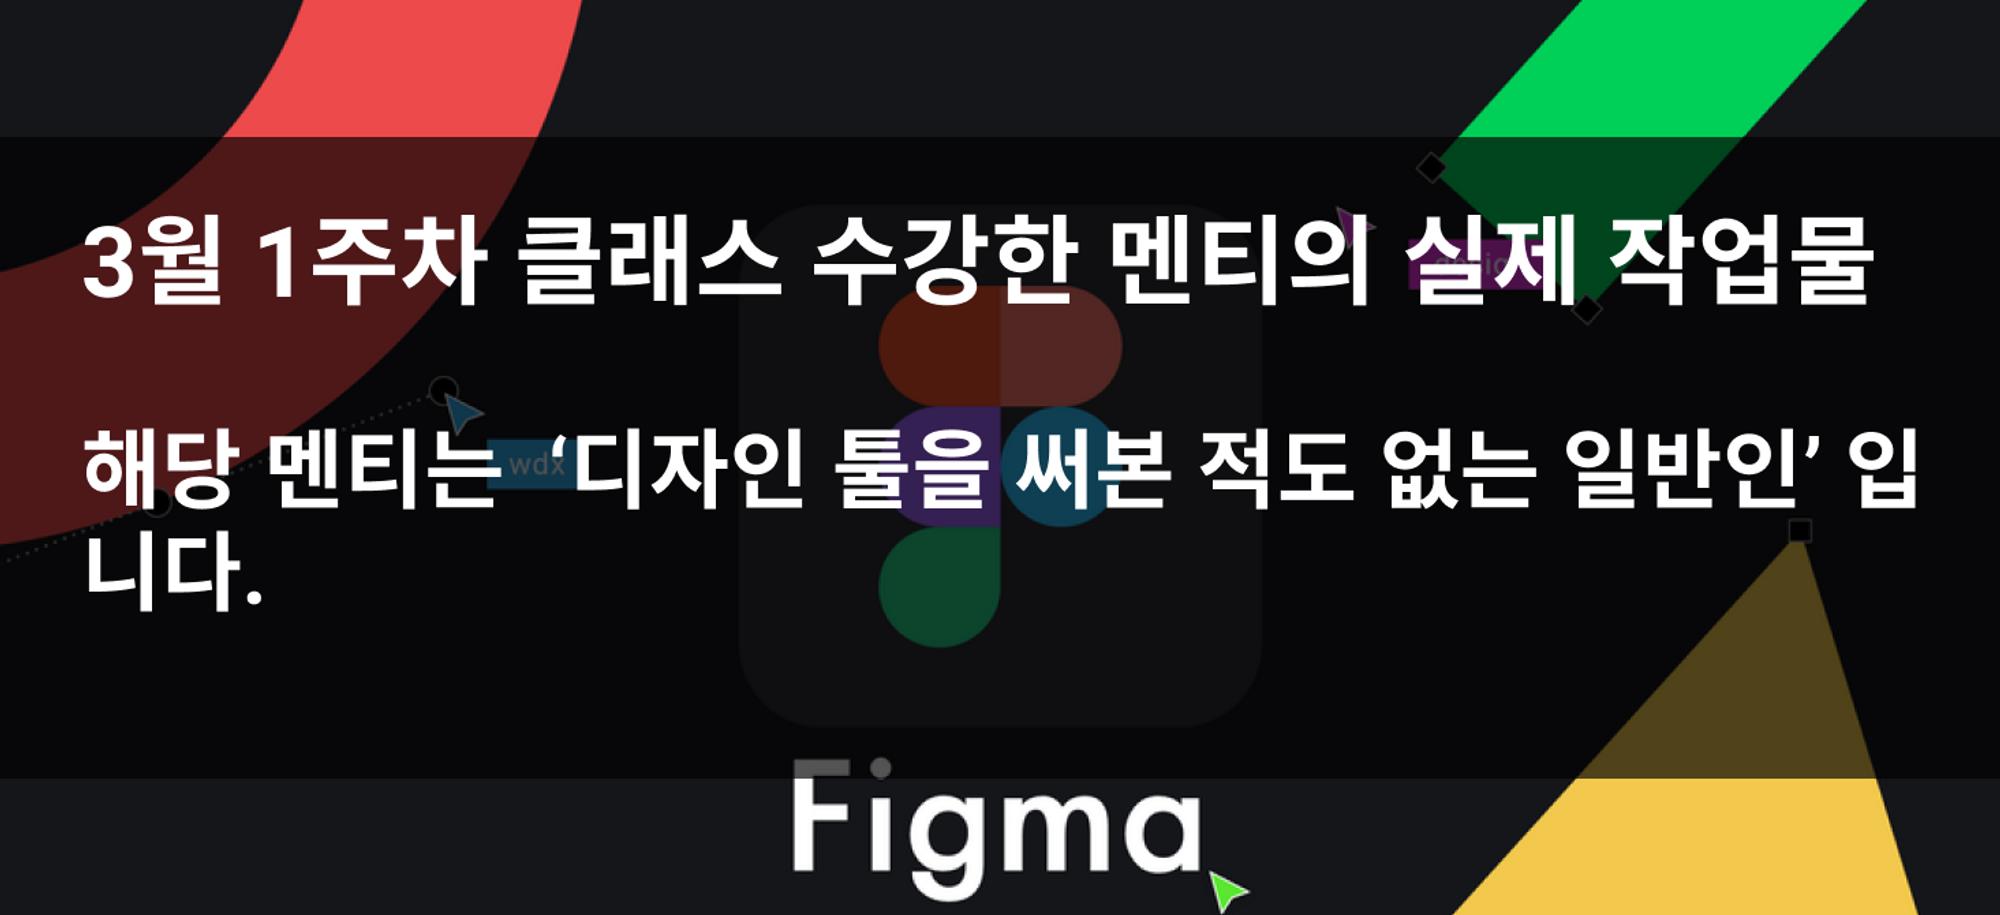 Frame_3.png